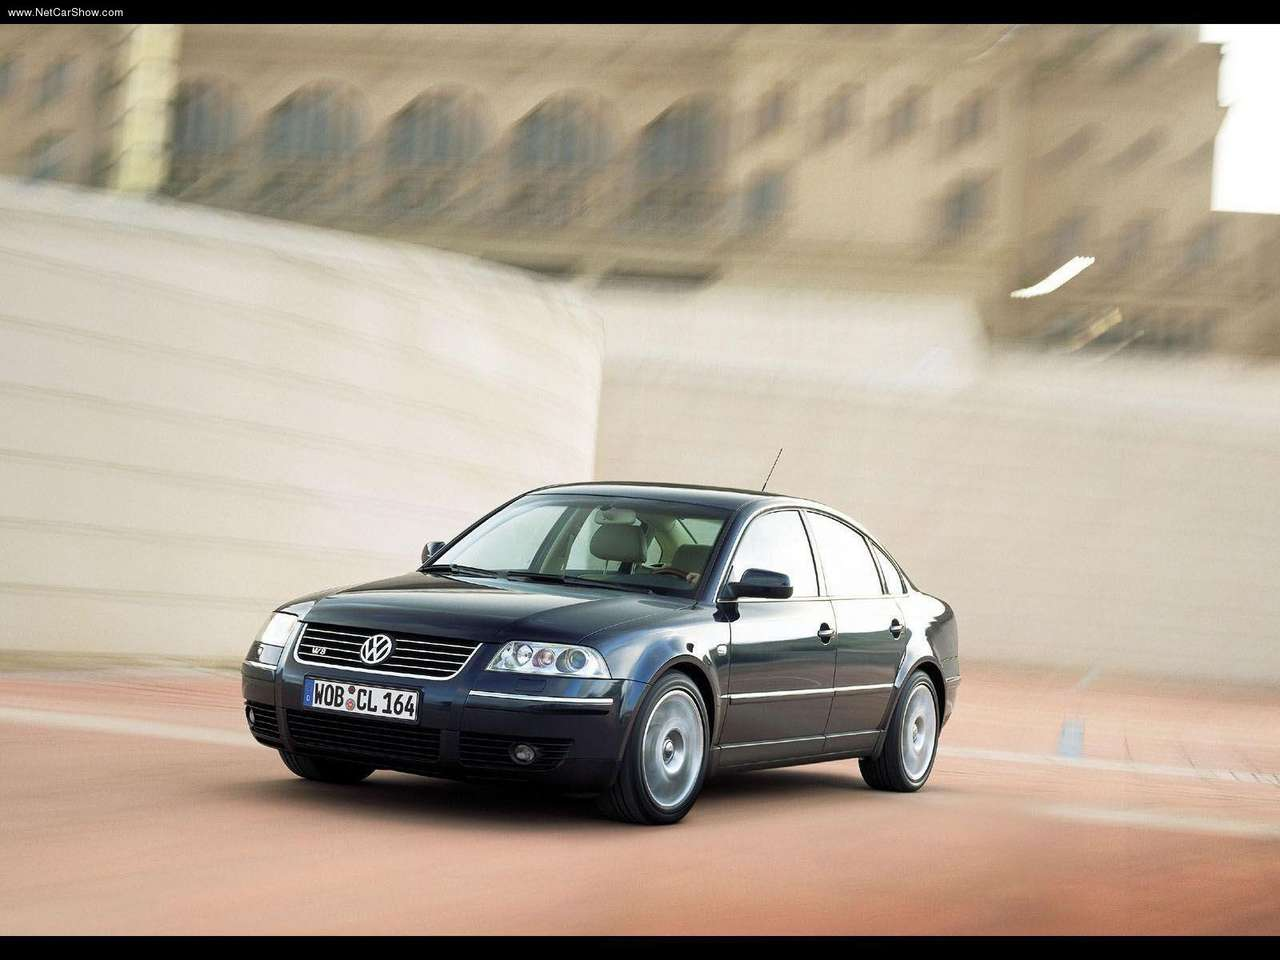 http://1.bp.blogspot.com/-Av1L2FO9mVg/TXs6aQ1mC5I/AAAAAAAANNY/qROQ2O-z_Yo/s1600/Volkswagen-Passat_W8_2001_1280x960_wallpaper_05.jpg